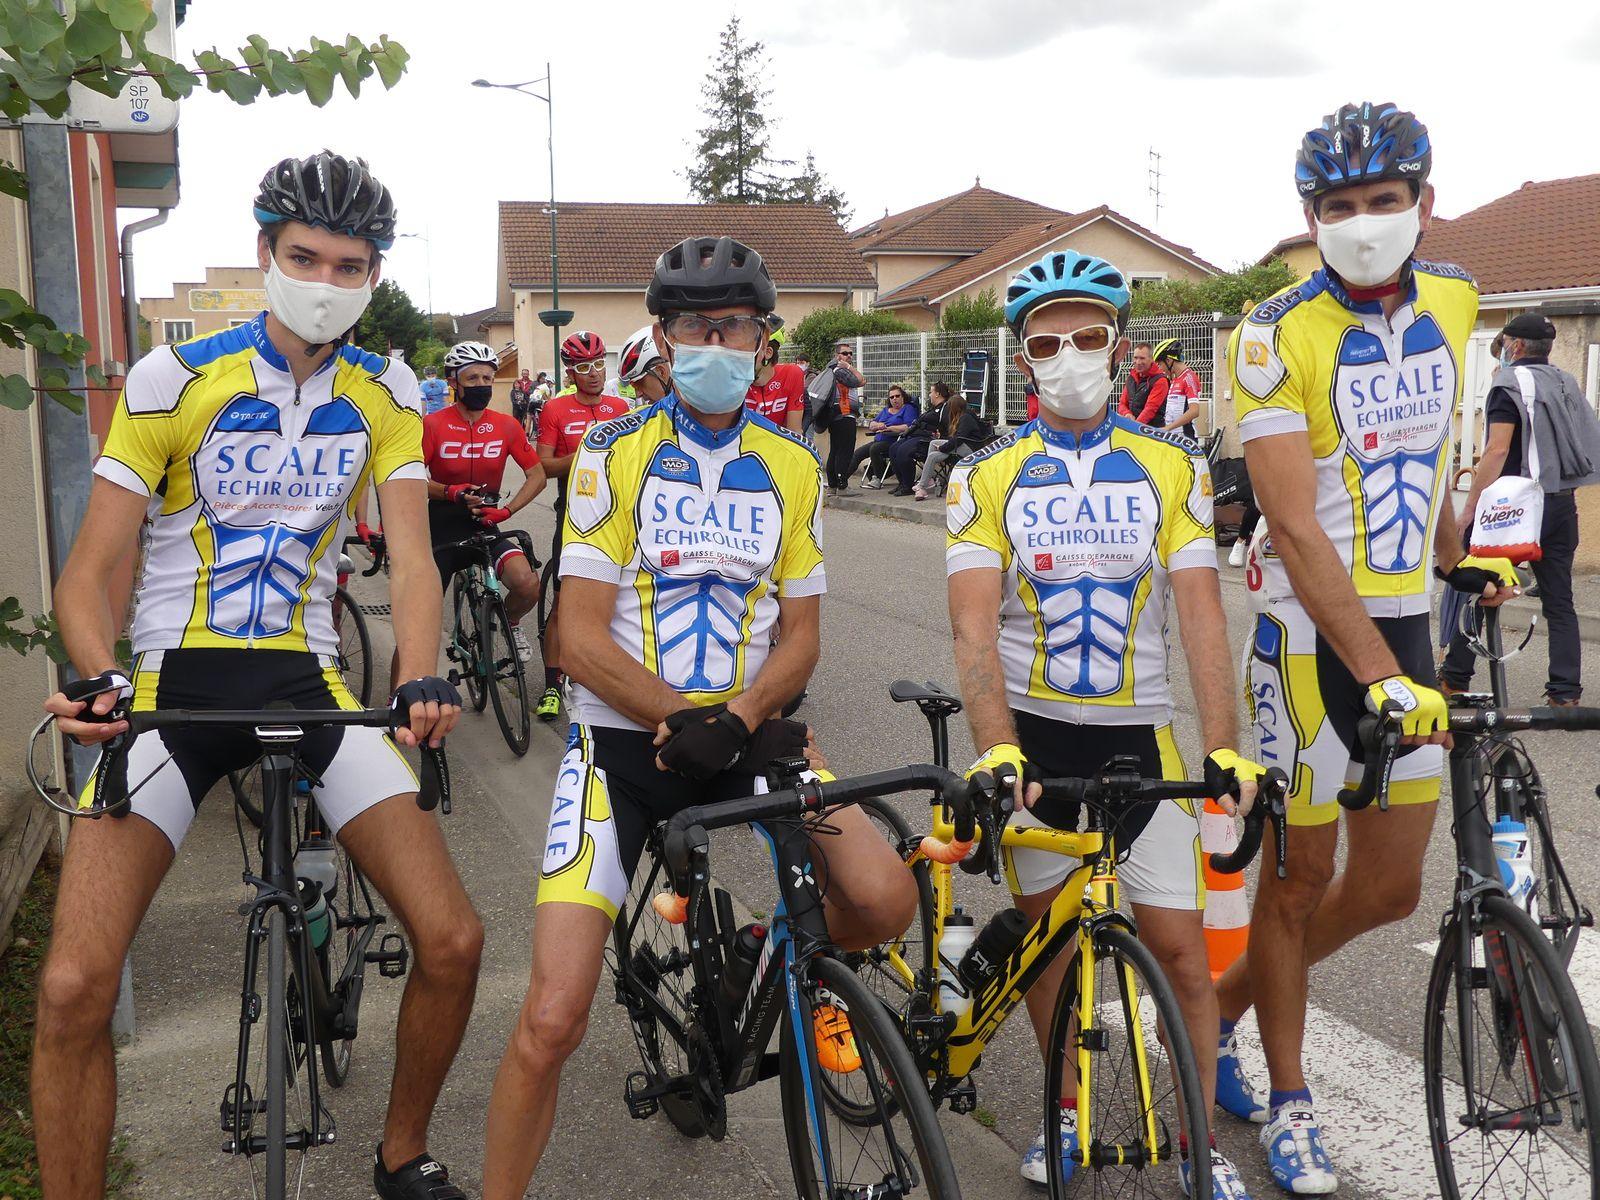 1er Grand Prix de Charantonnay et grimpée du col du Benas - 30/08/20 : les résultats